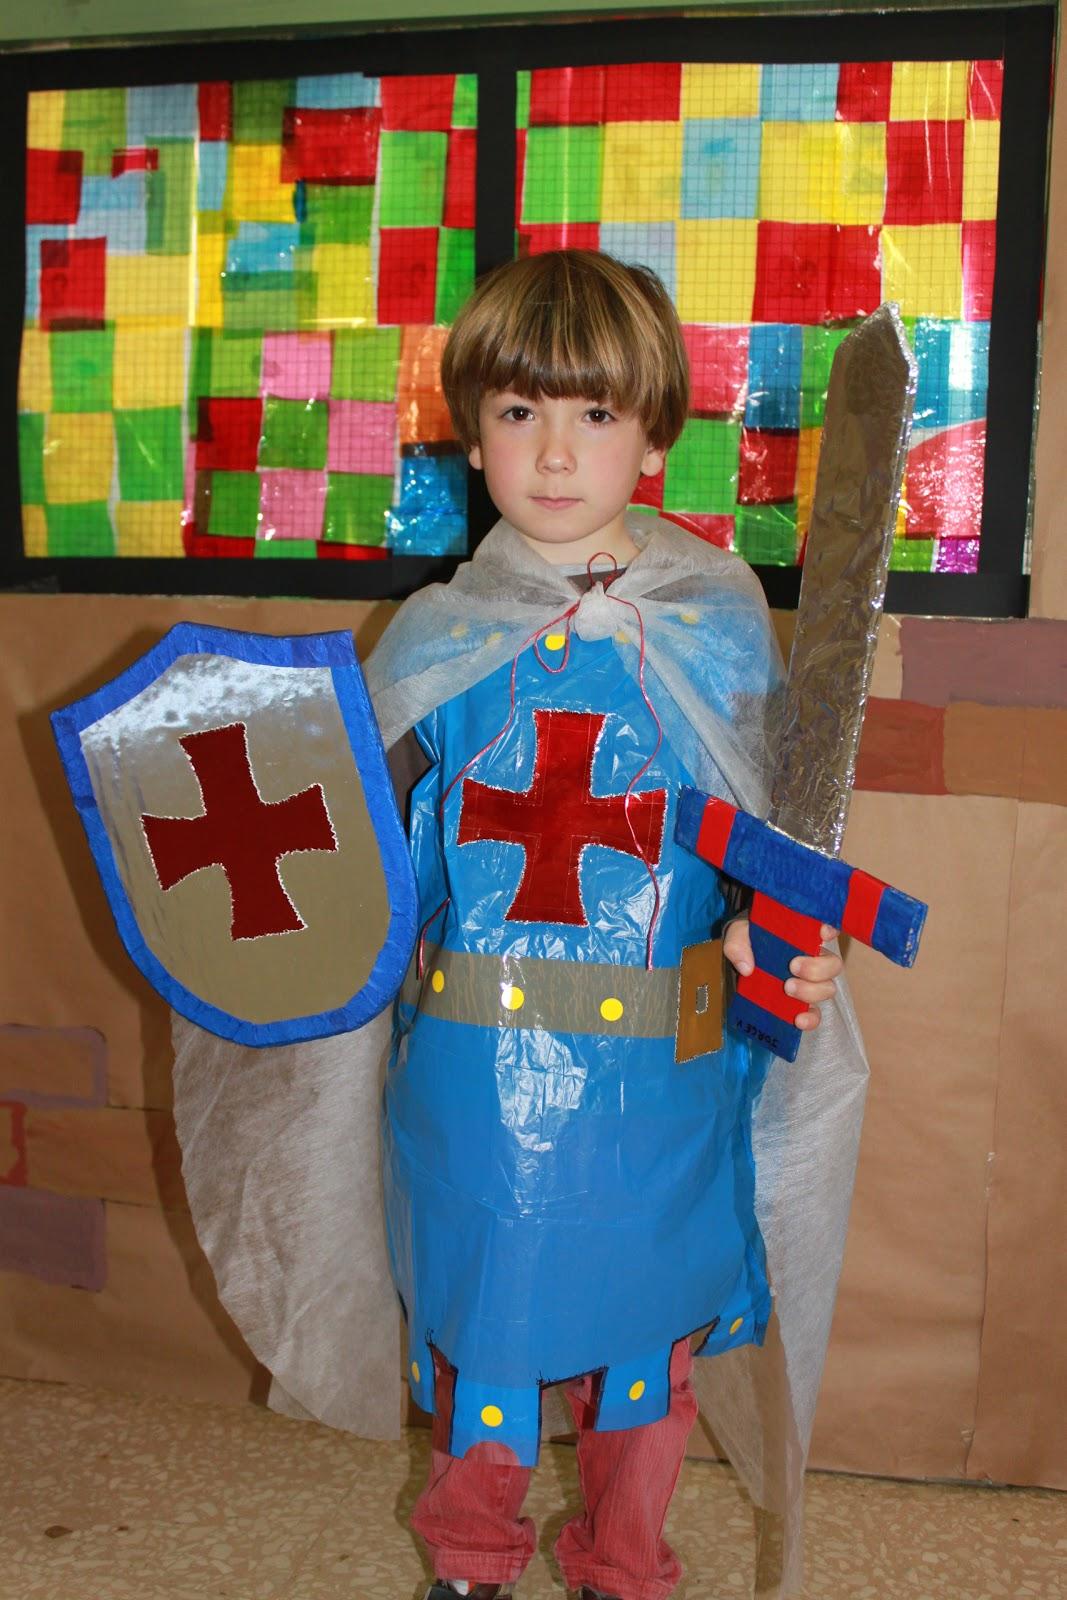 de caballero medieval, con su traje elaborado en el taller de